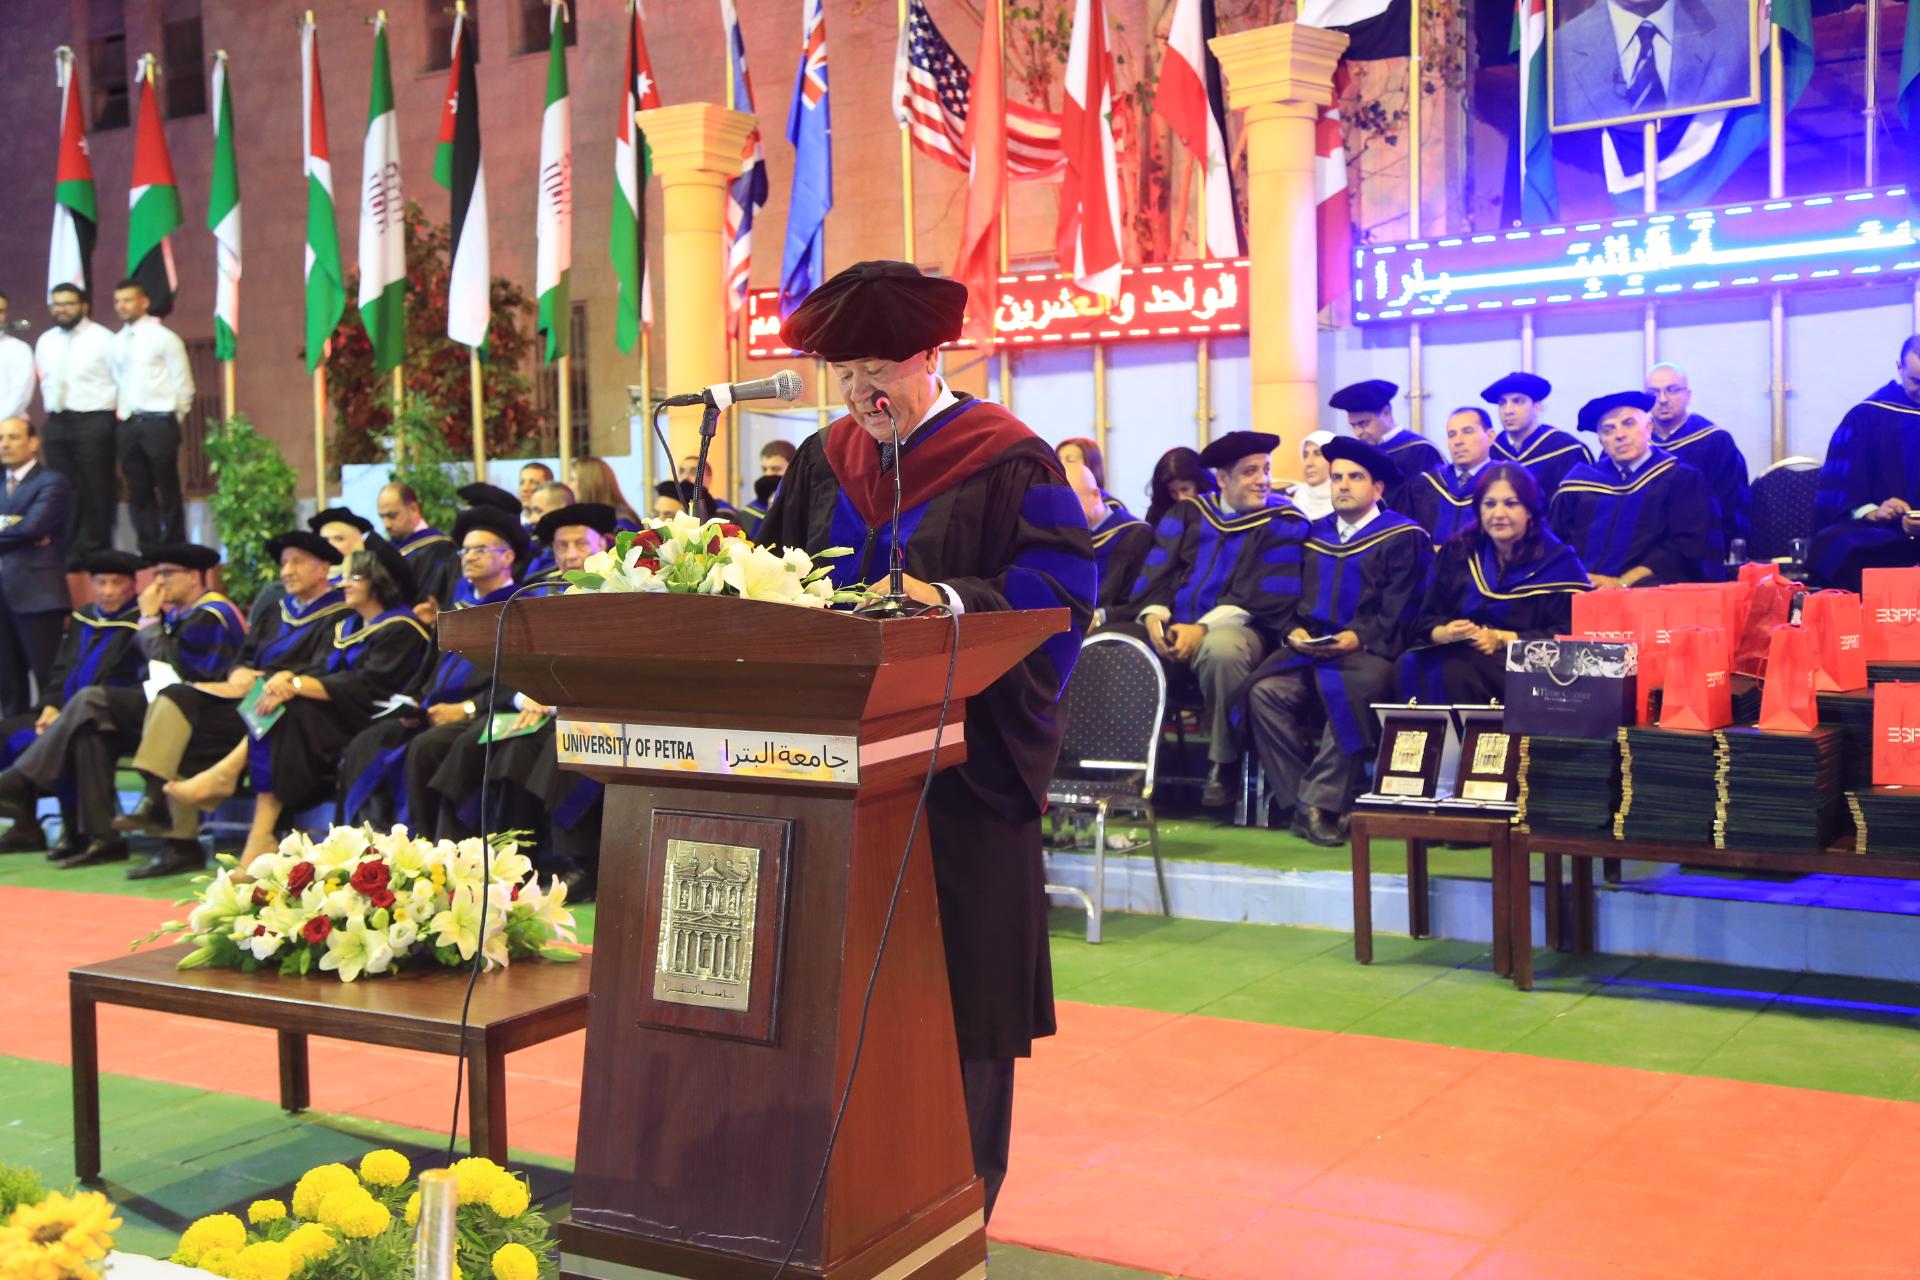 رئيس جامعة البترا يرعى حفل تخريج الفوج الحادي والعشرين من طلبة الجامعة